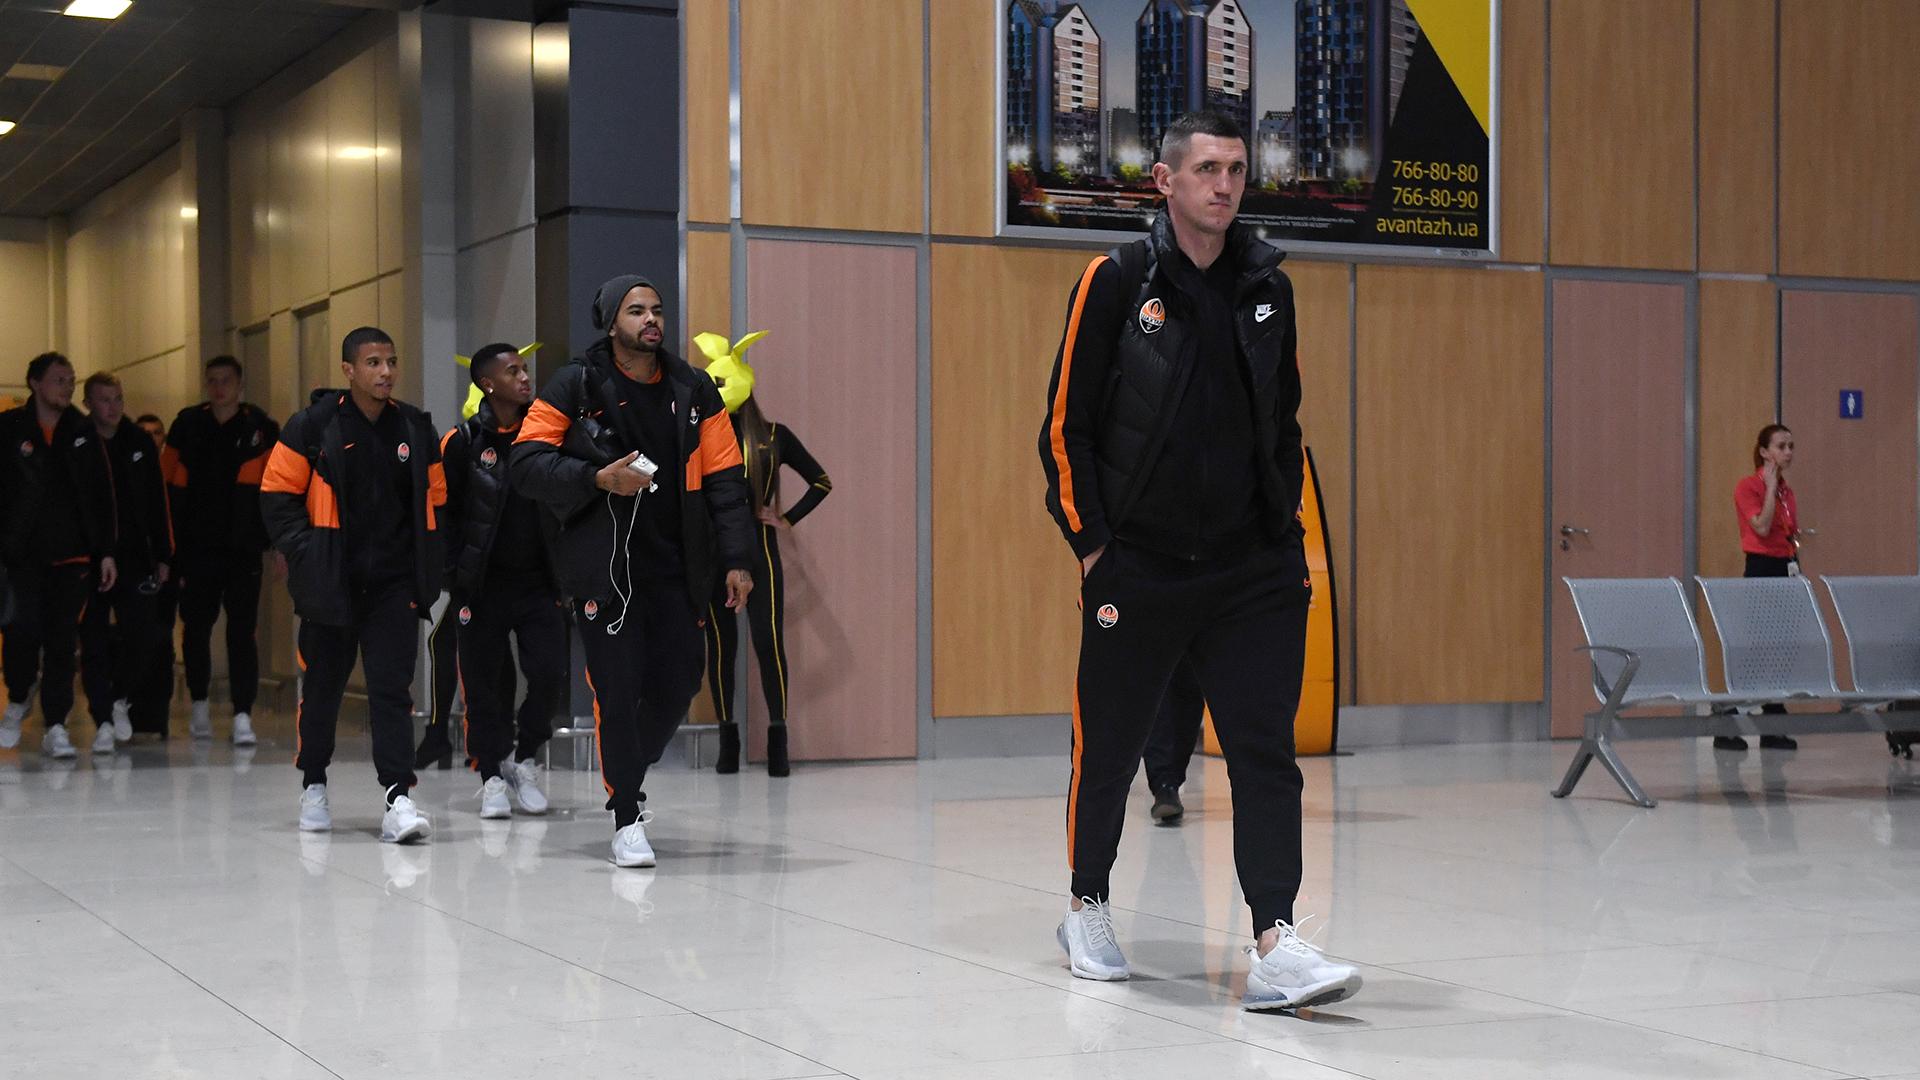 Шахтер прибыл в Харьков на матч с Динамо. Майкон впервые в заявке после травмы - изображение 1